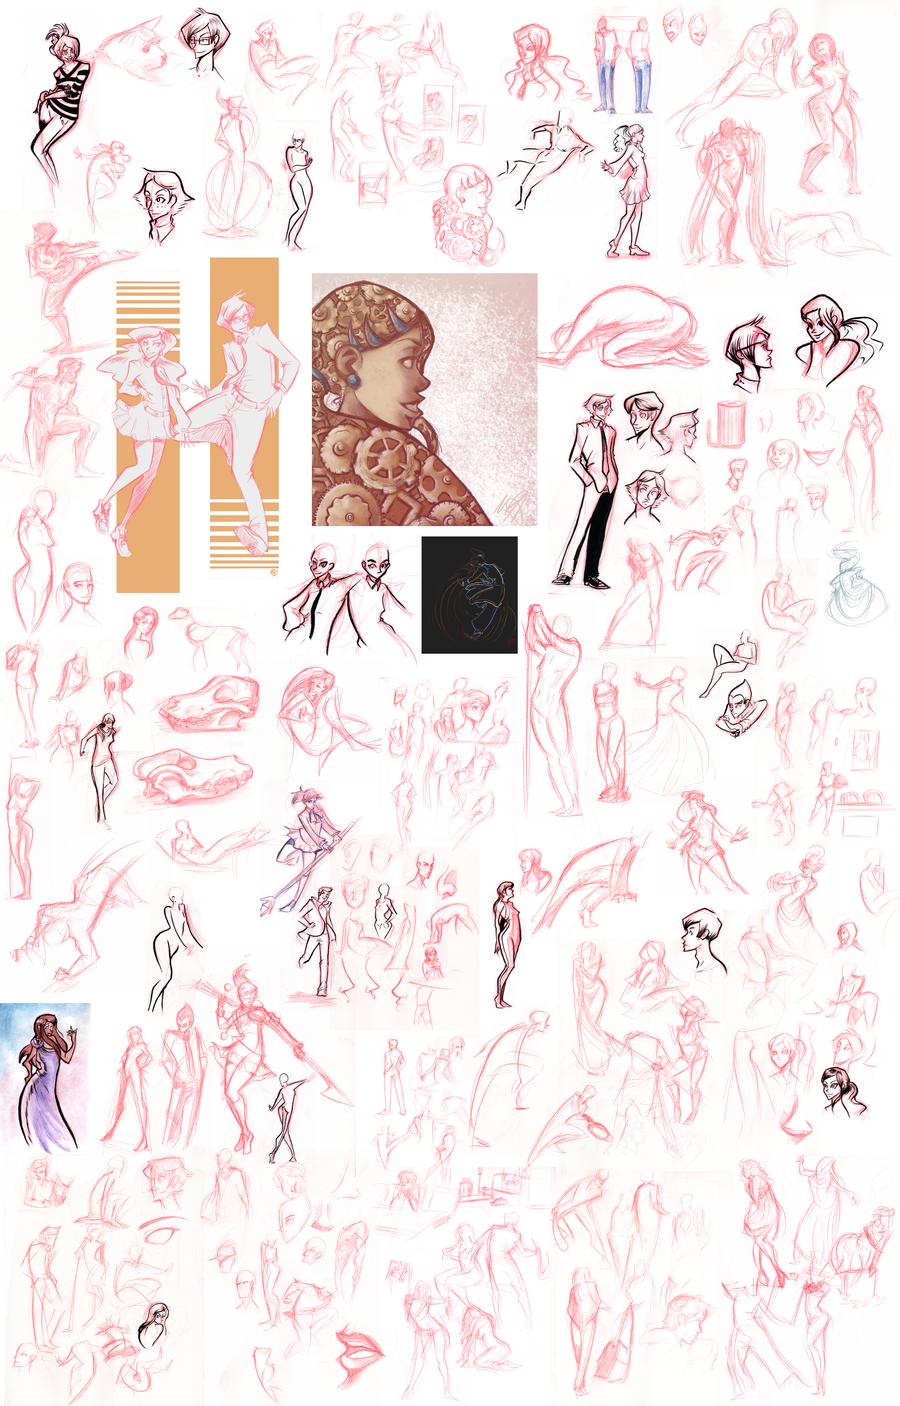 Sketchdump - Apr. '12 by Nikki0417